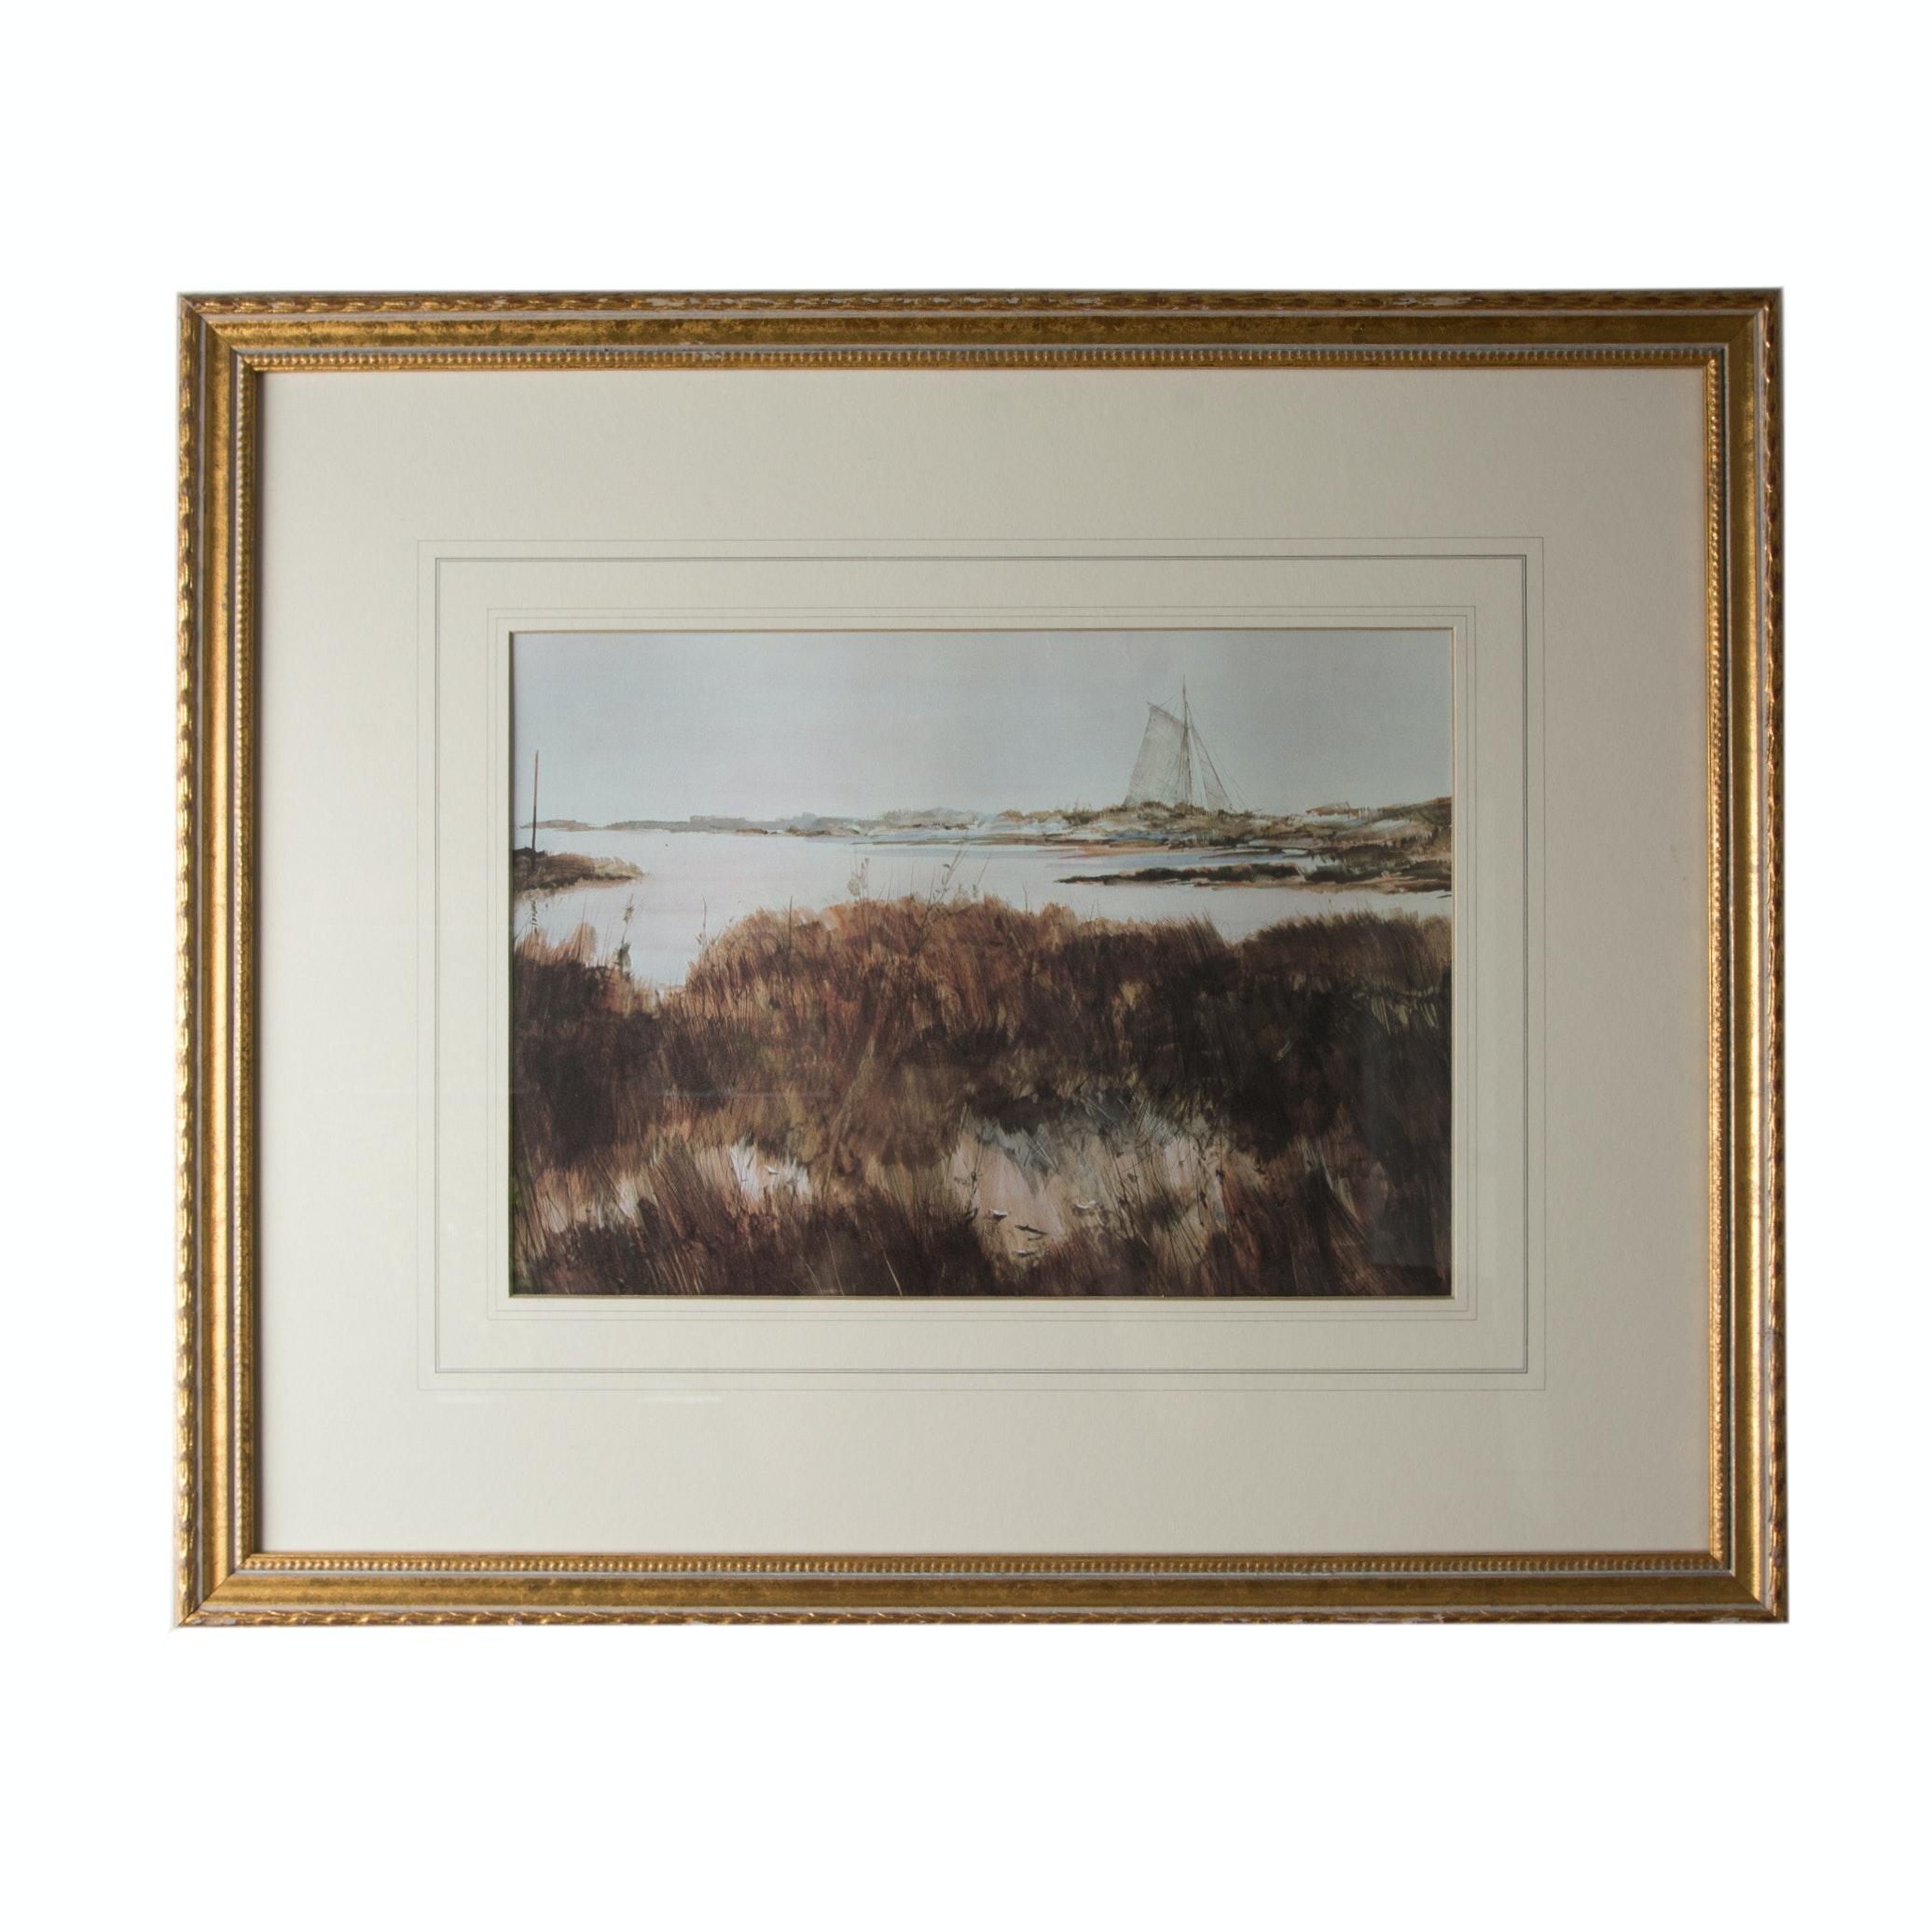 Ocean Landscape Offset Lithograph